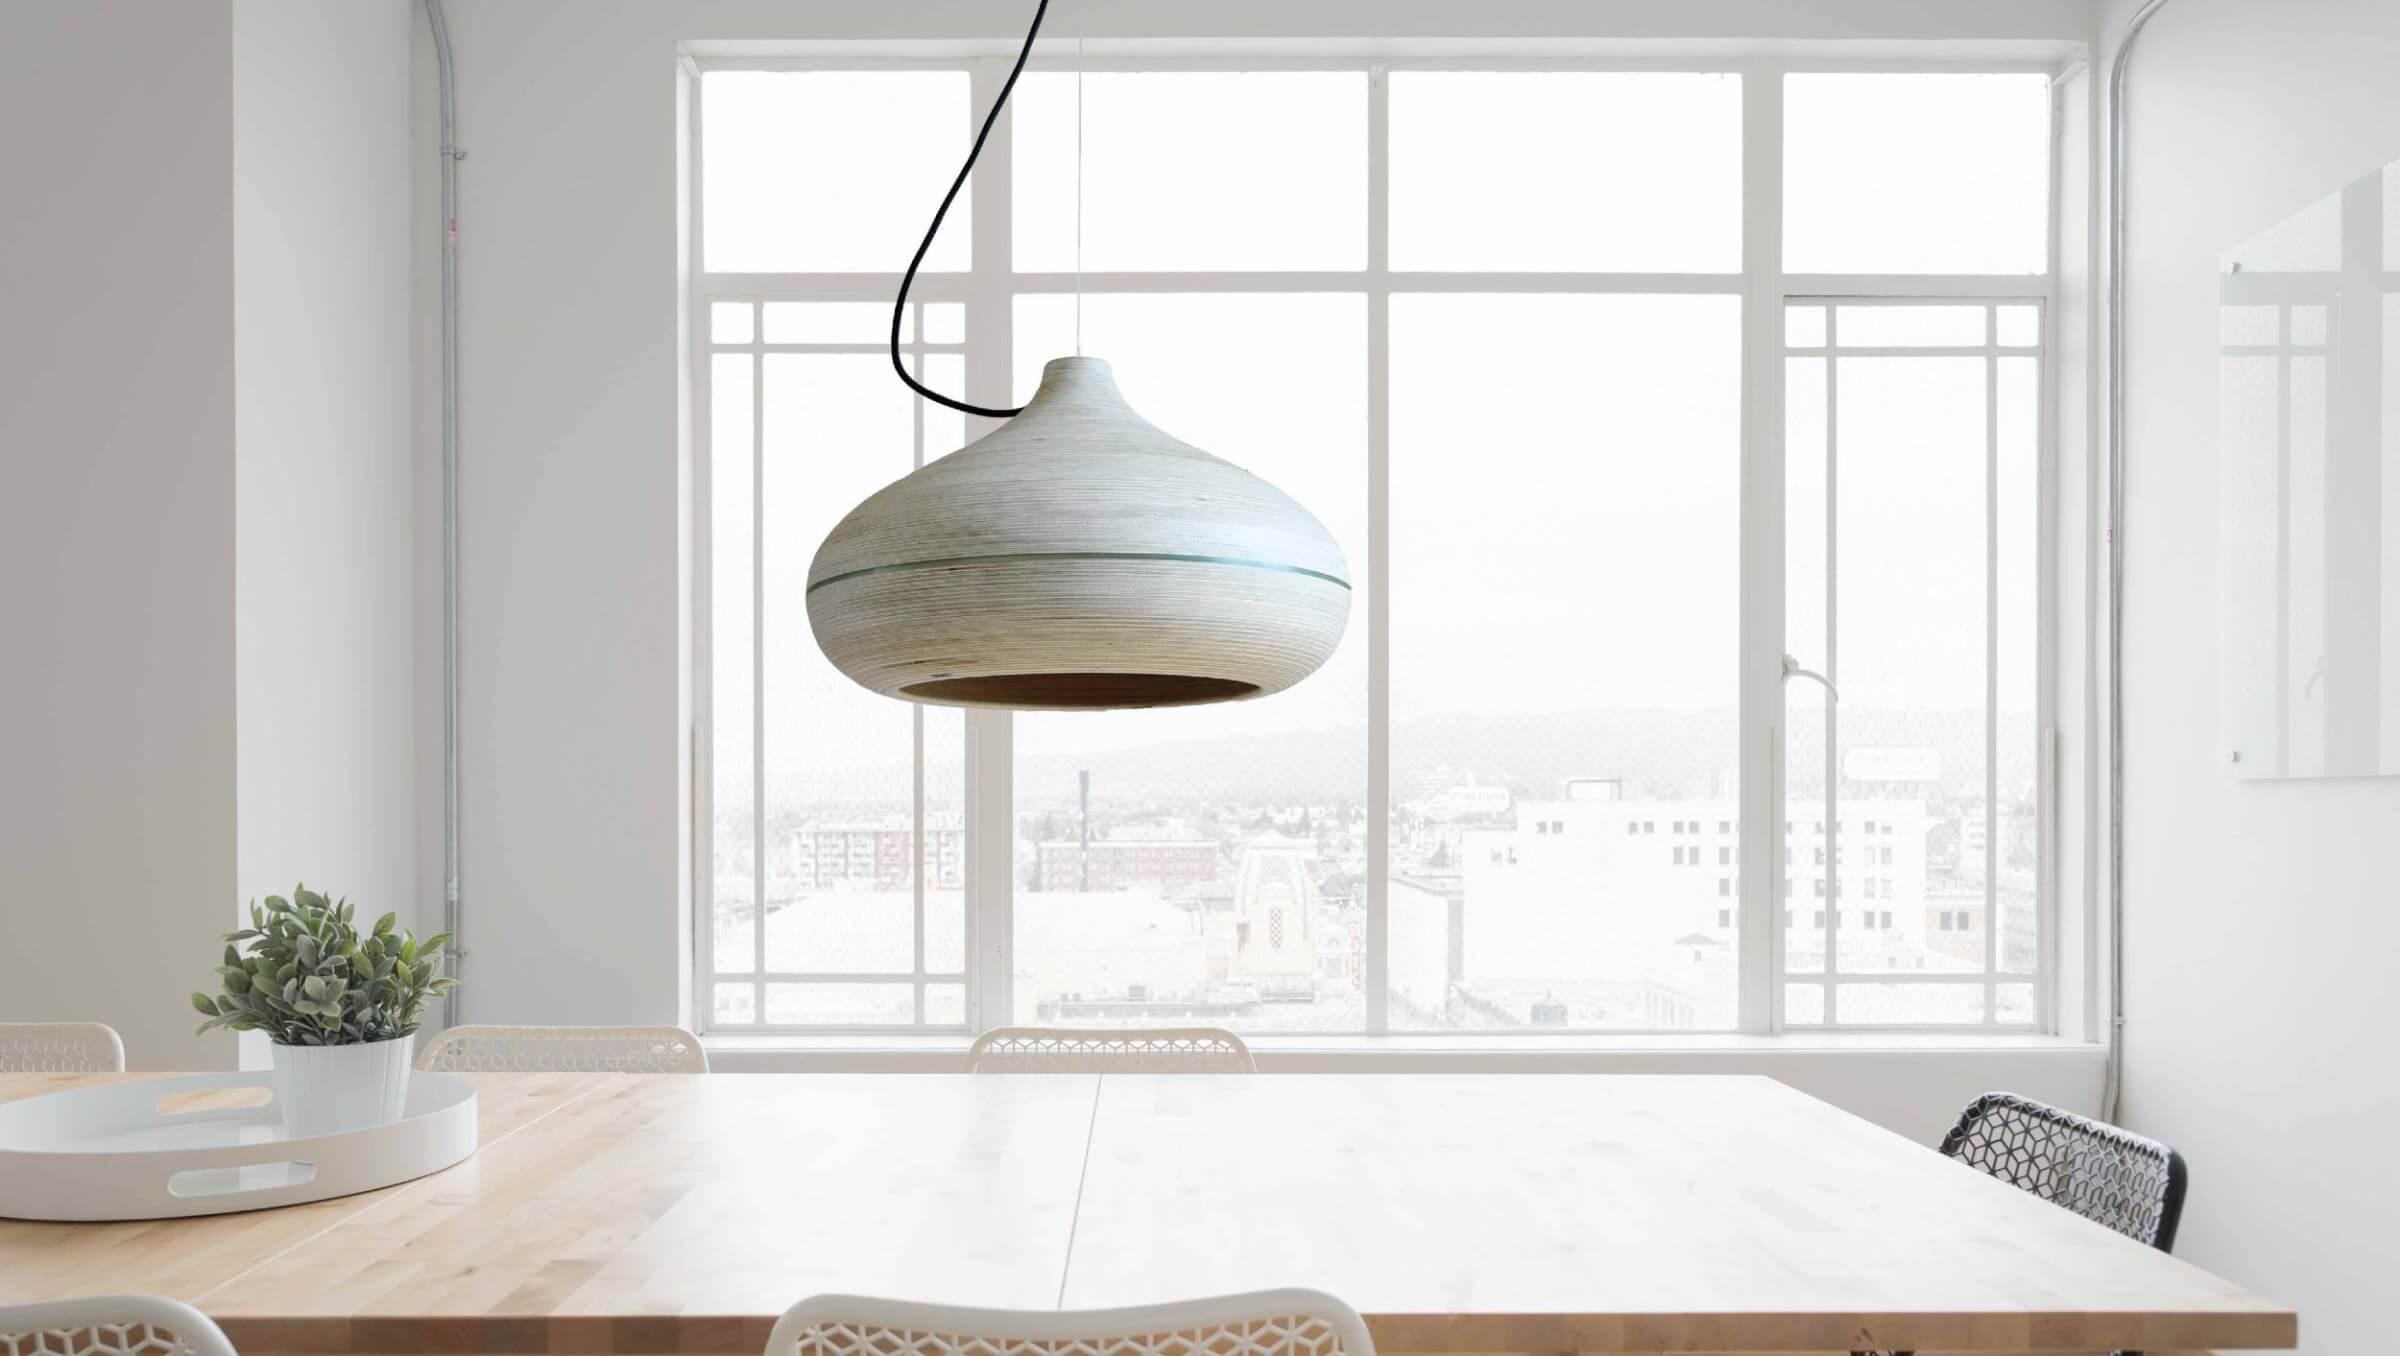 Design hanglamp boven eettafel